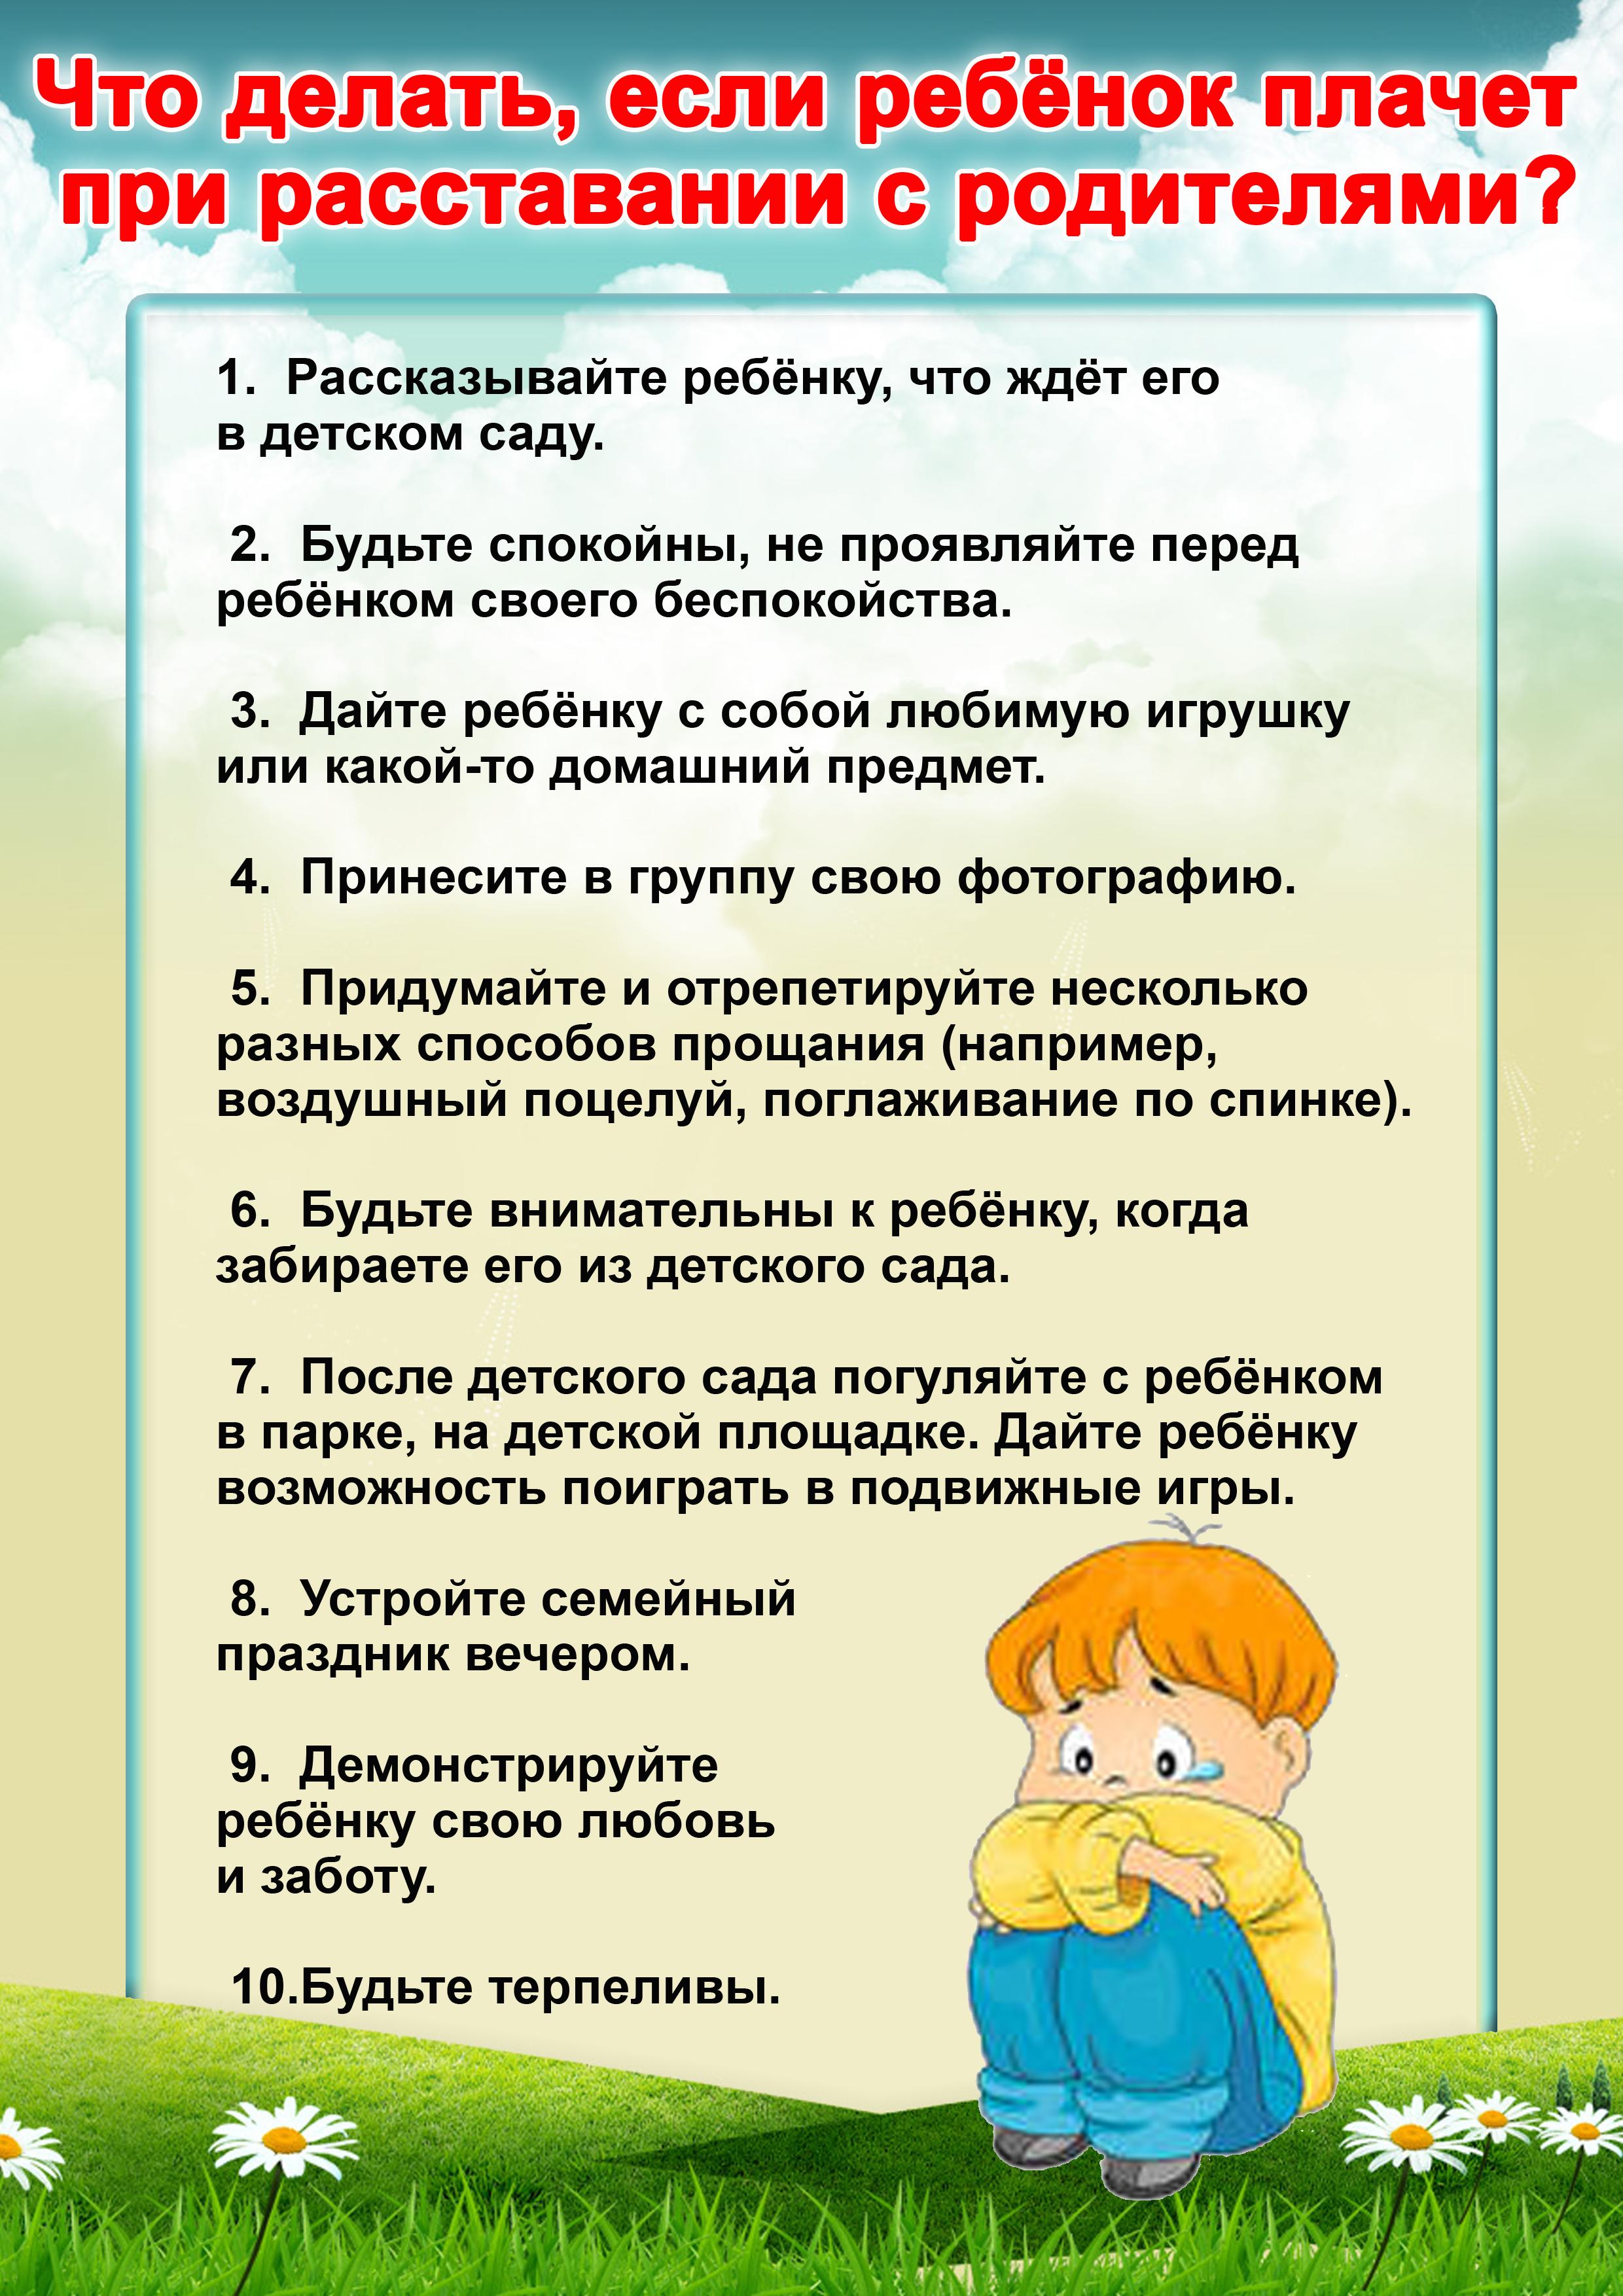 консультация по адаптации детей раннего возраста в картинках